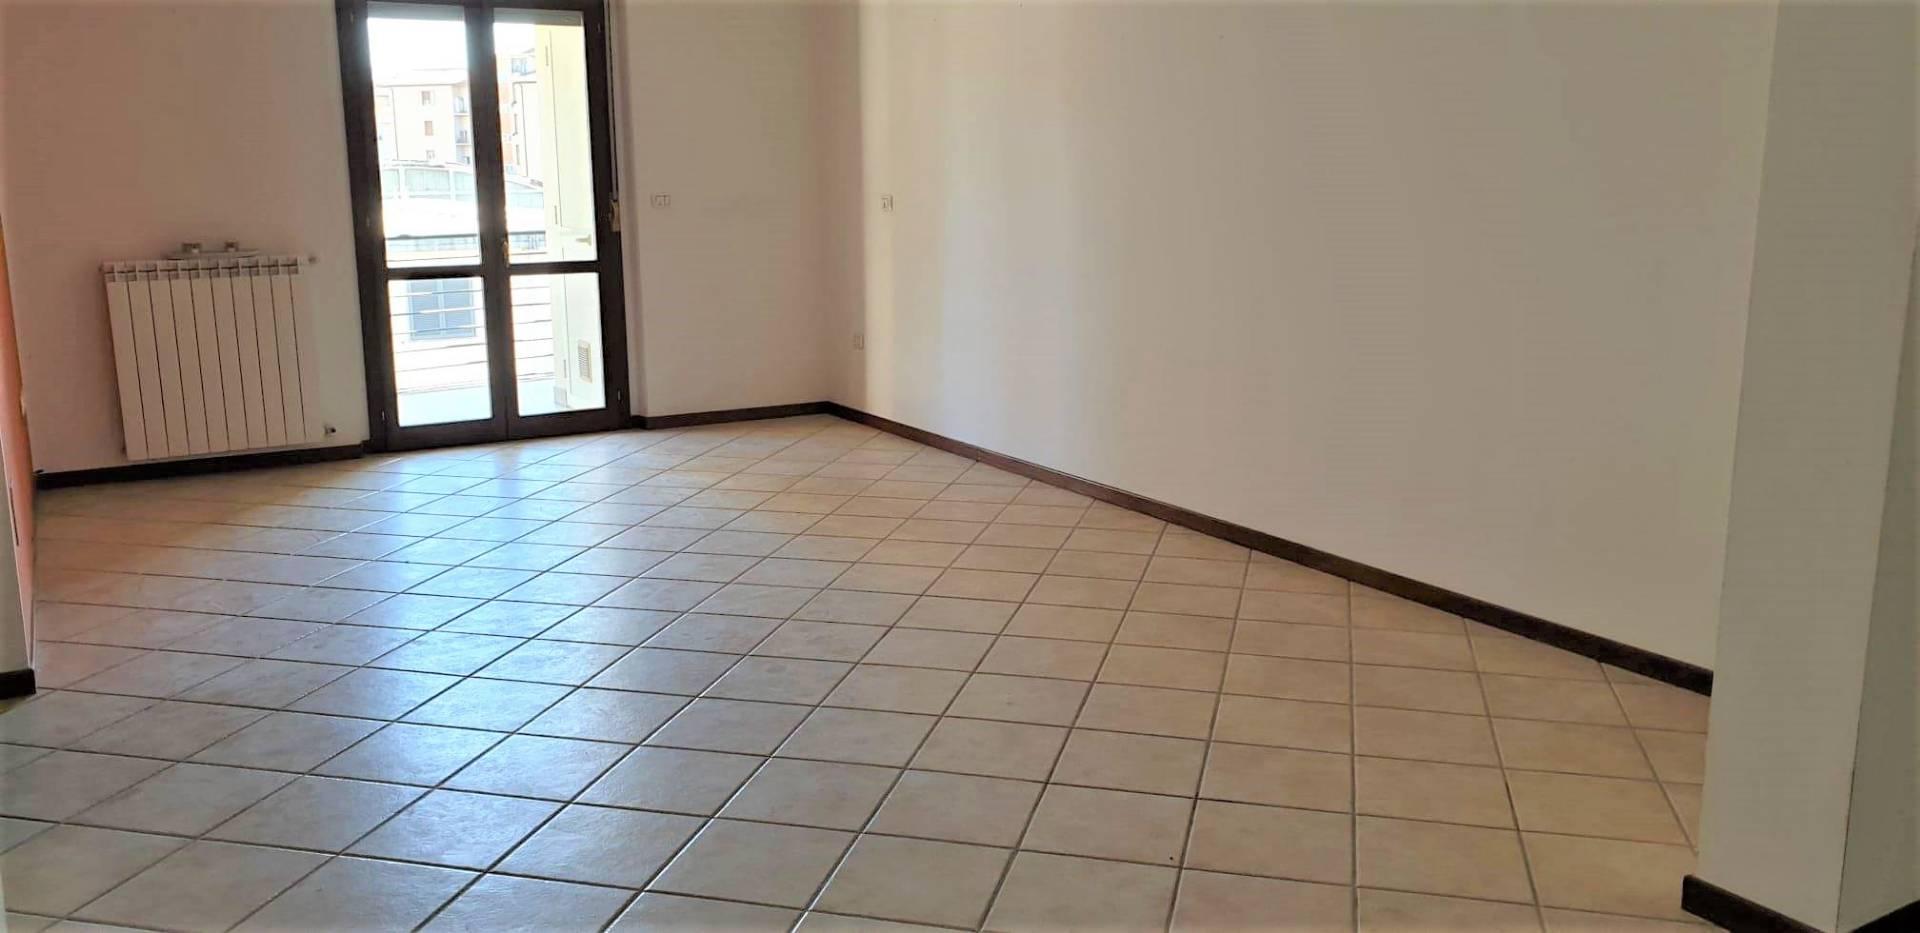 Appartamento in vendita a Viterbo, 4 locali, zona Località: Garbini-Palazzina, prezzo € 149.000 | CambioCasa.it